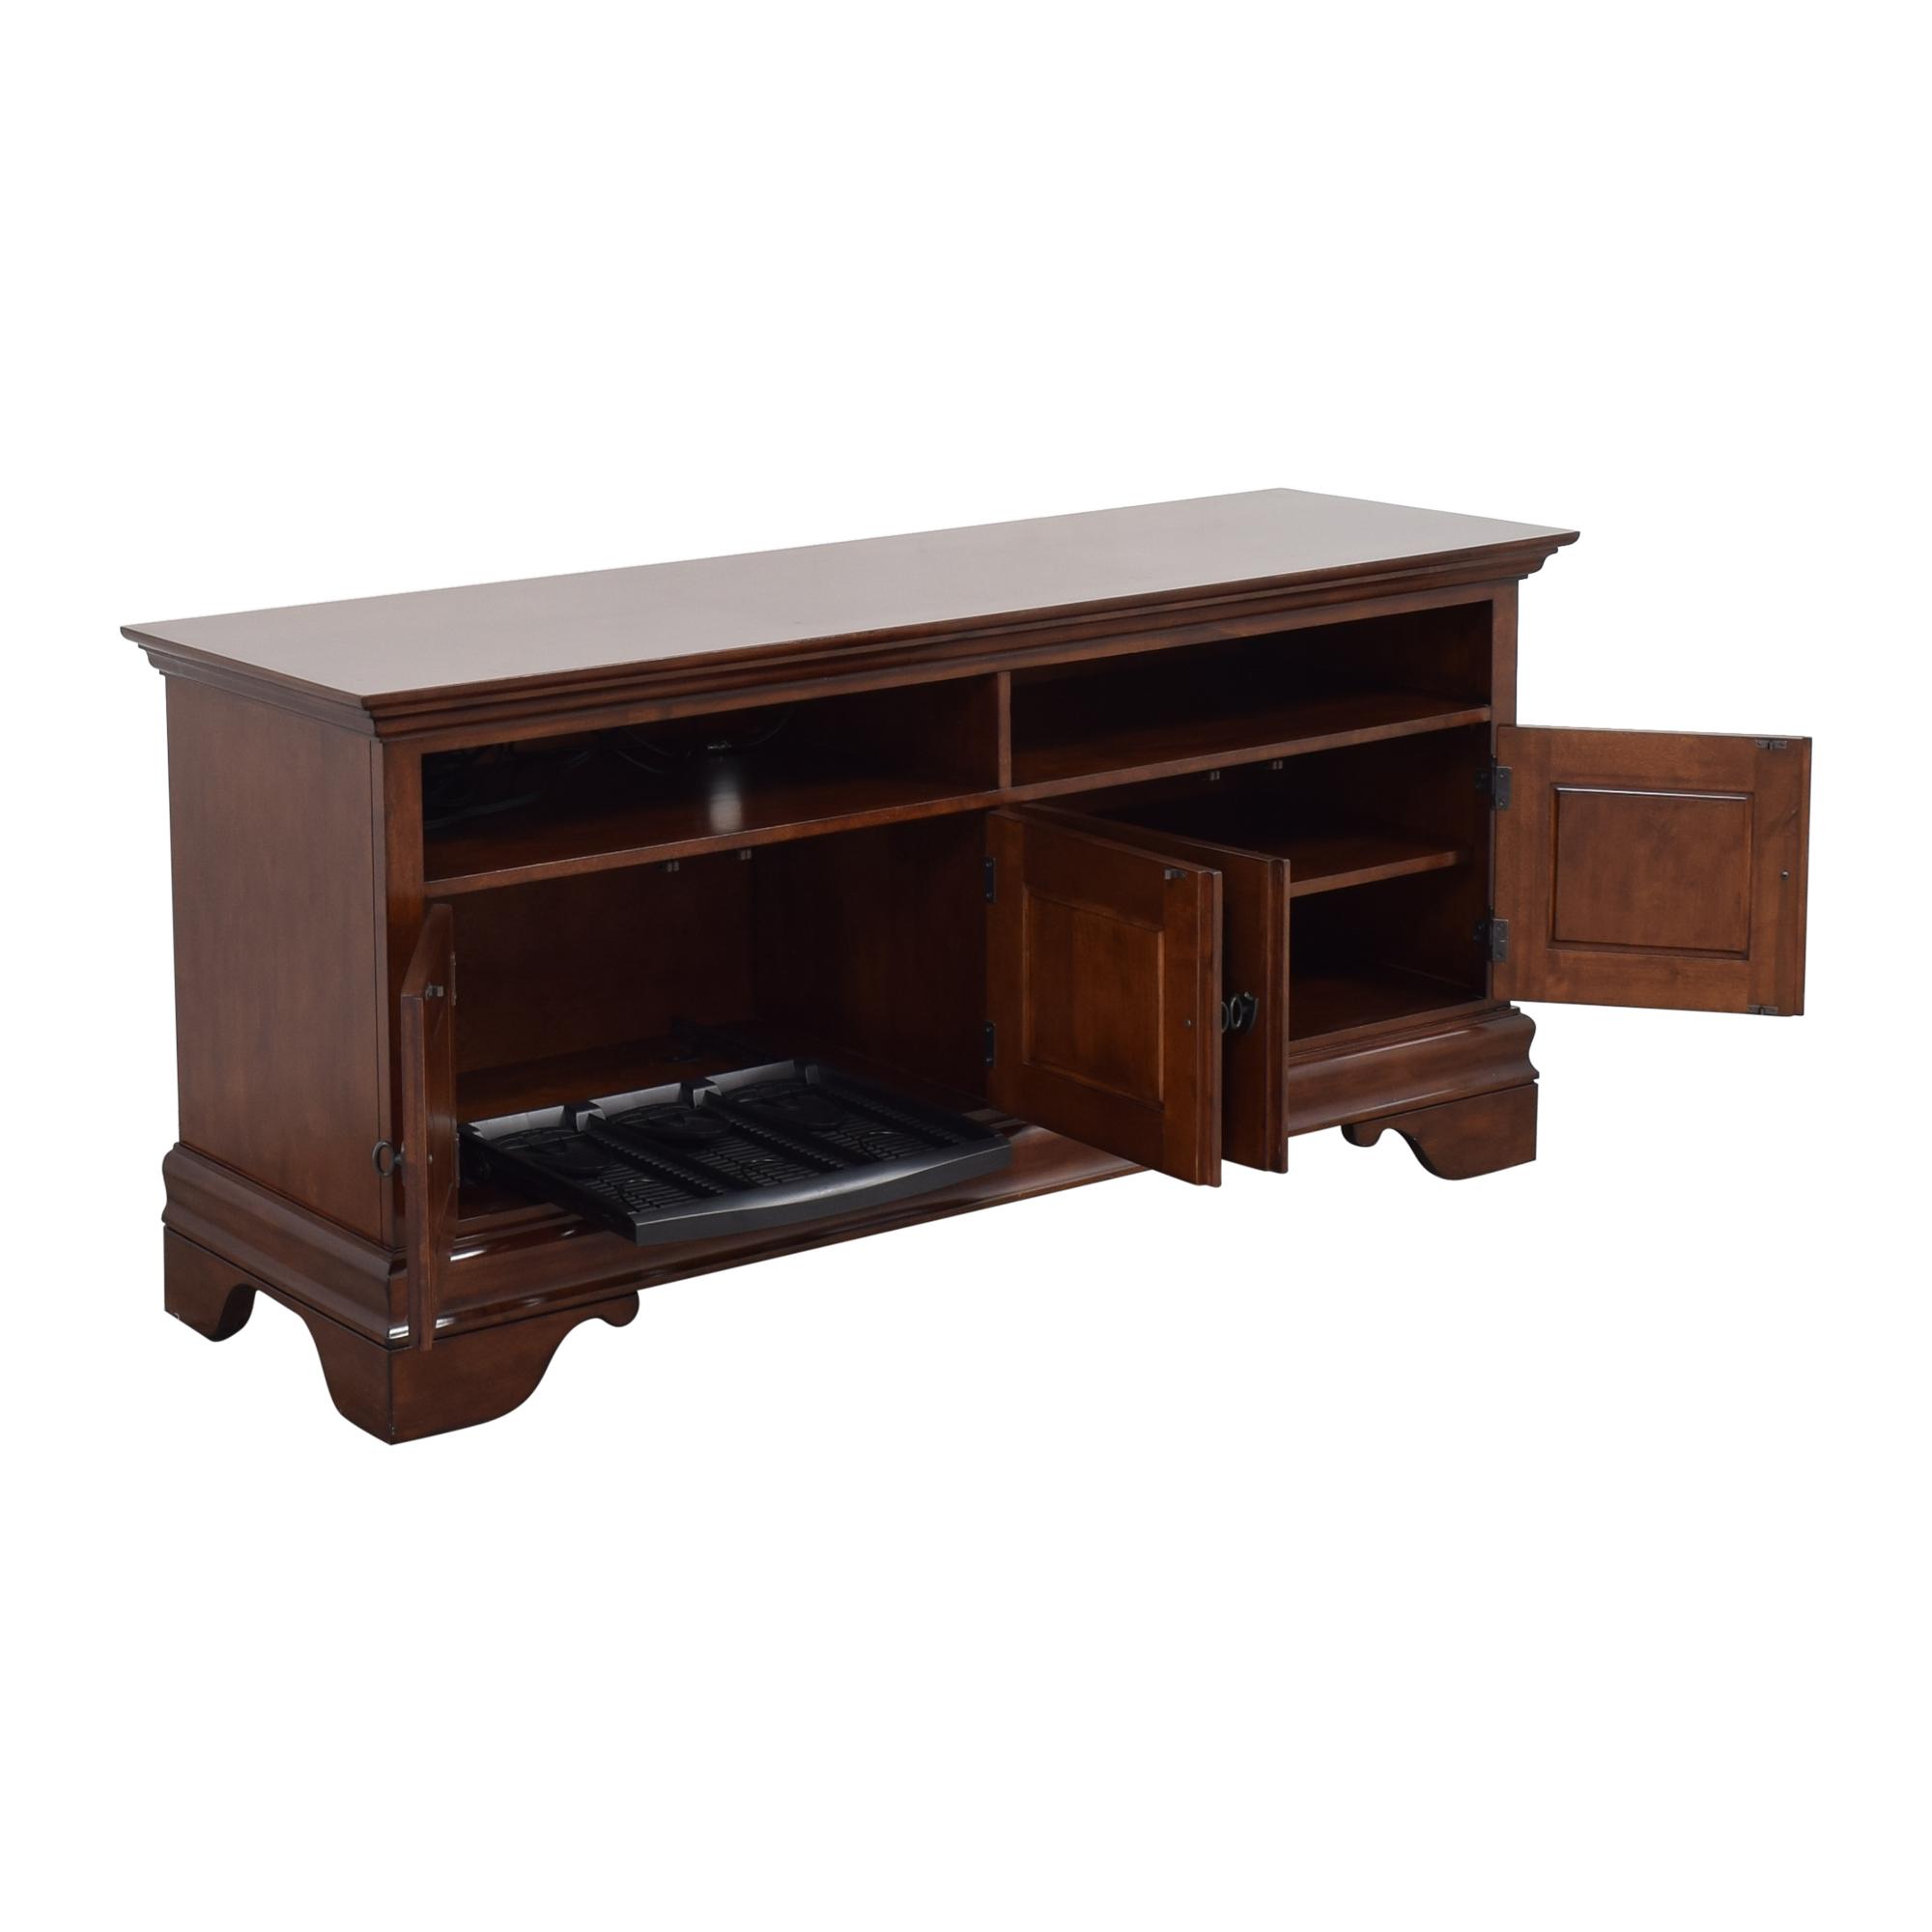 Kincaid Furniture Media Console Kincaid Furniture